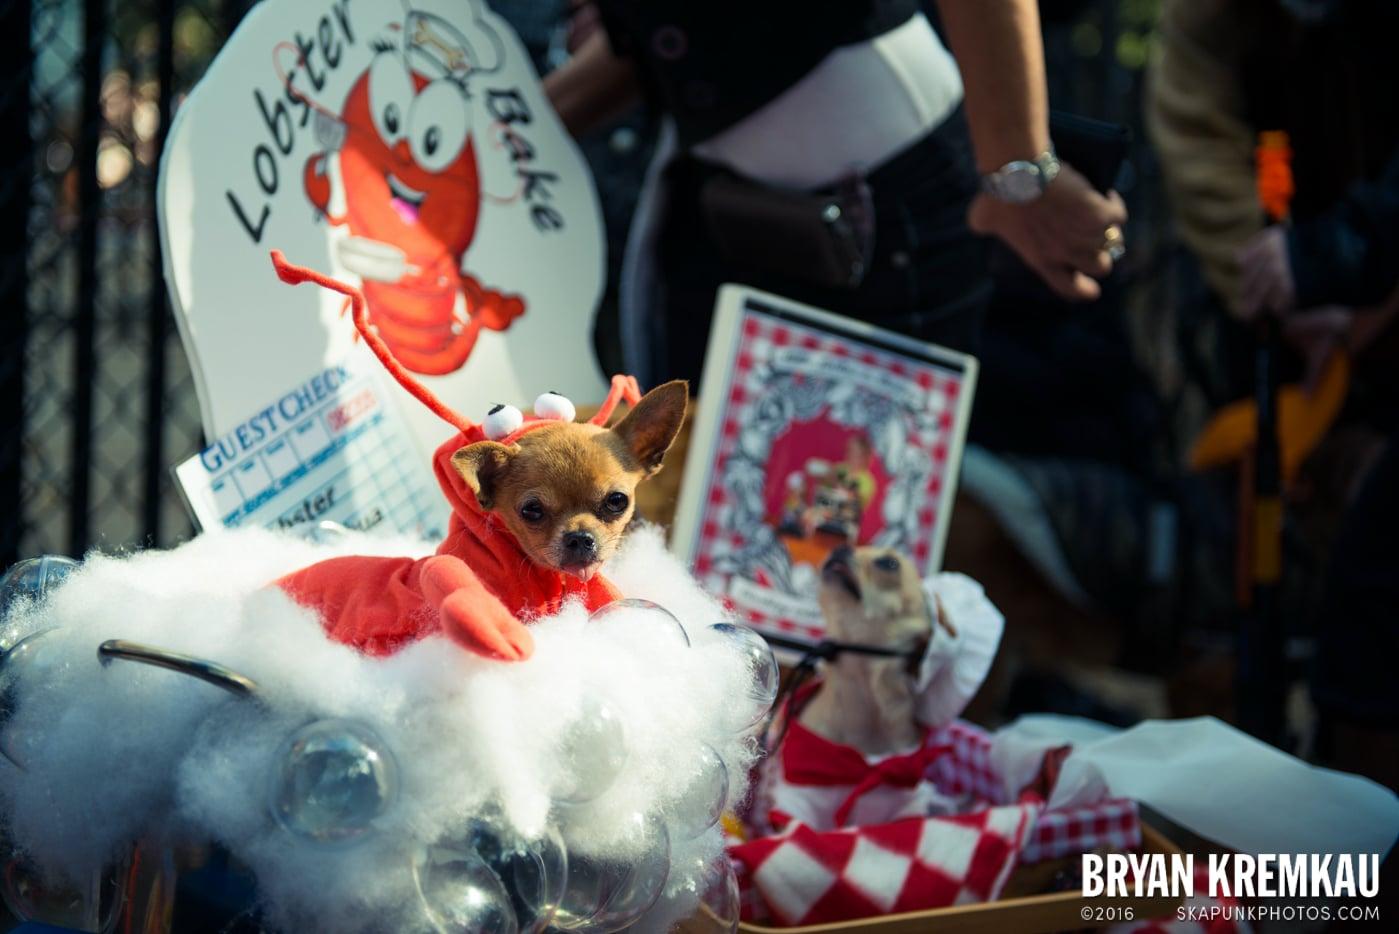 Tompkins Square Halloween Dog Parade 2013 @ Tompkins Square Park, NYC - 10.26.13 (15)